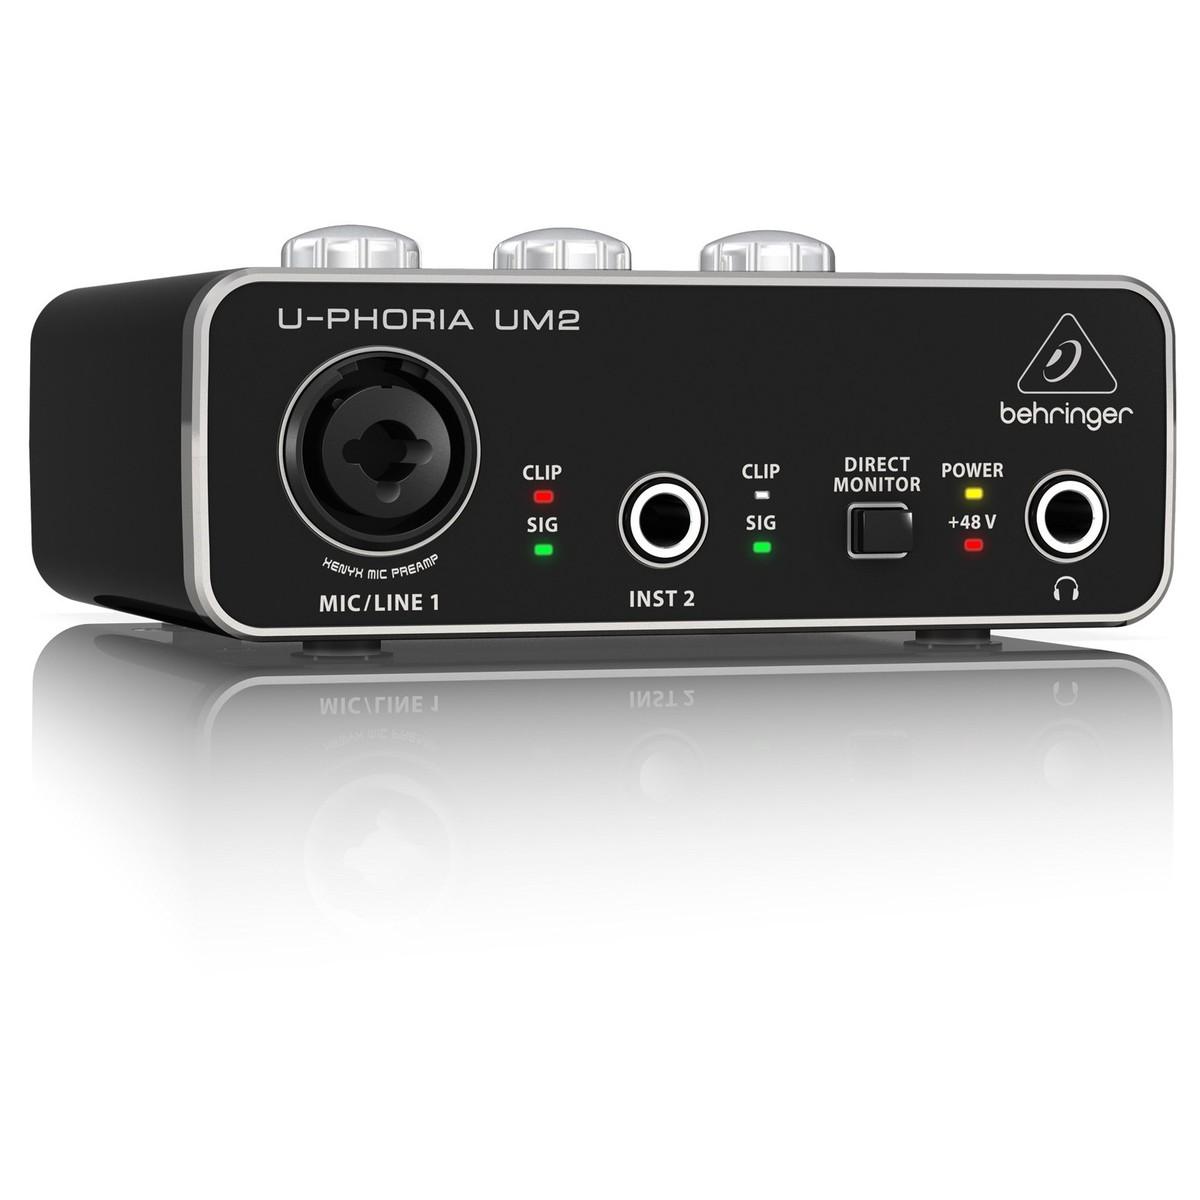 Аудиоинтерфейс Behringer UM2, UM2 аудиоинтерфейс behringer u phoria um2